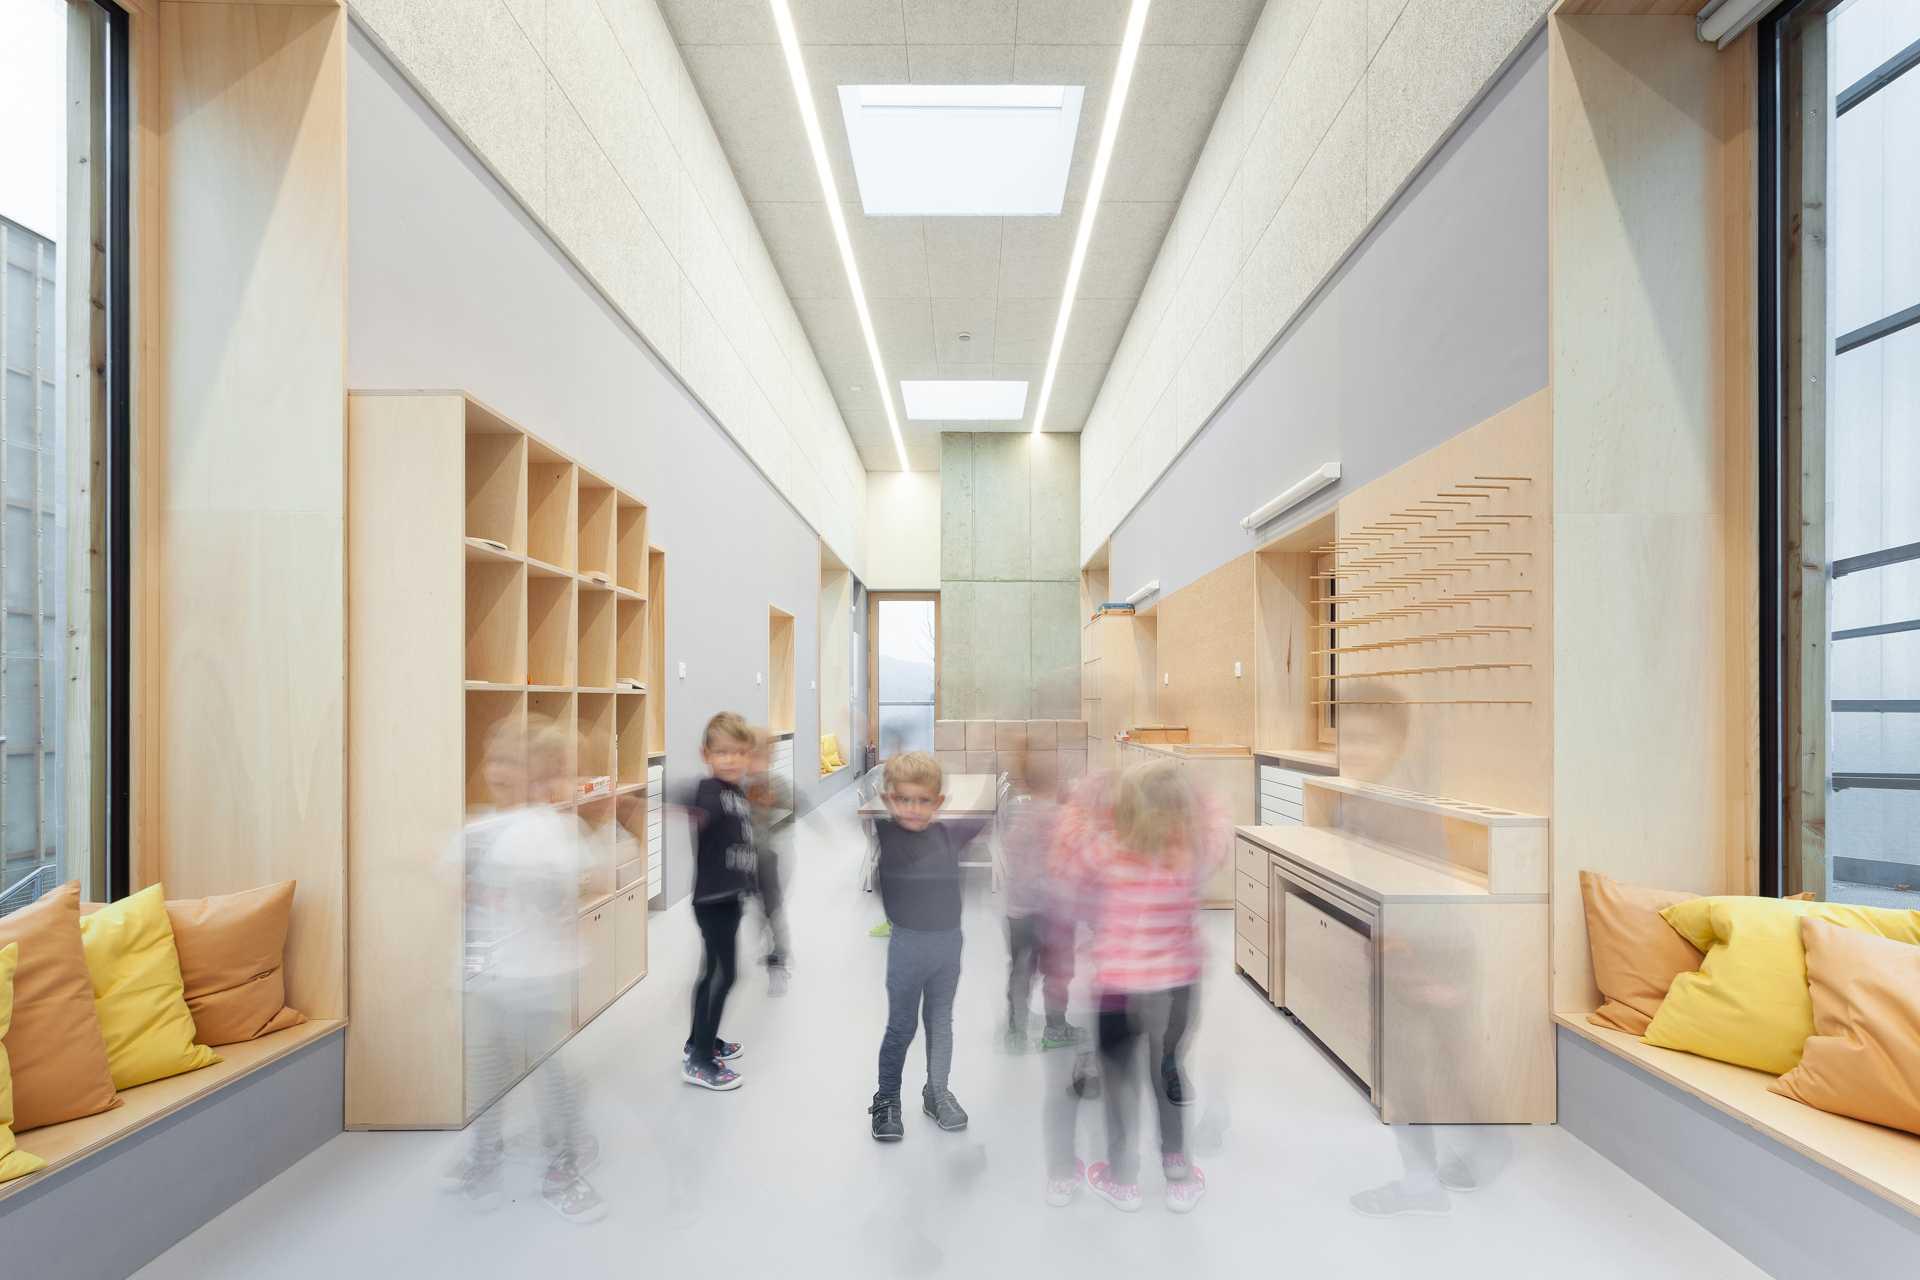 Nová Ruda kindergarten  - 42 5 39